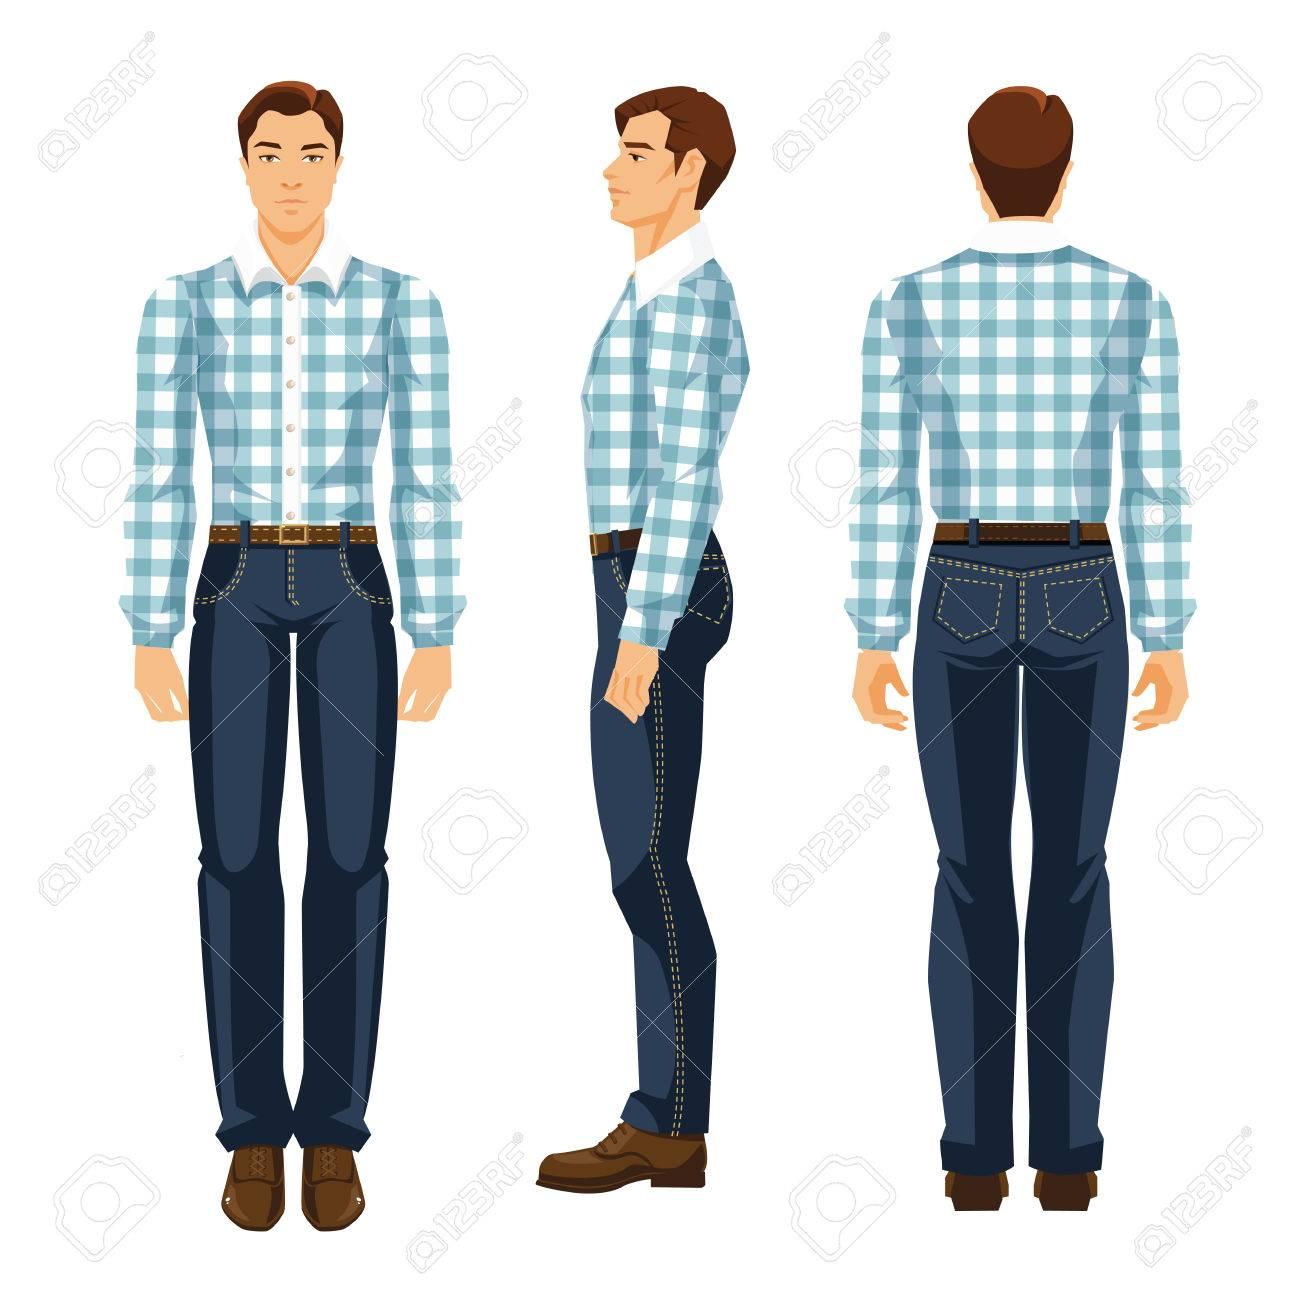 La En Del Pantalones TartánVarias Ilustración Joven Hombre Y Patrón Figura El Vueltas Vaqueros Con Camisa Vectorial HombreVista De 9DIH2WeEY